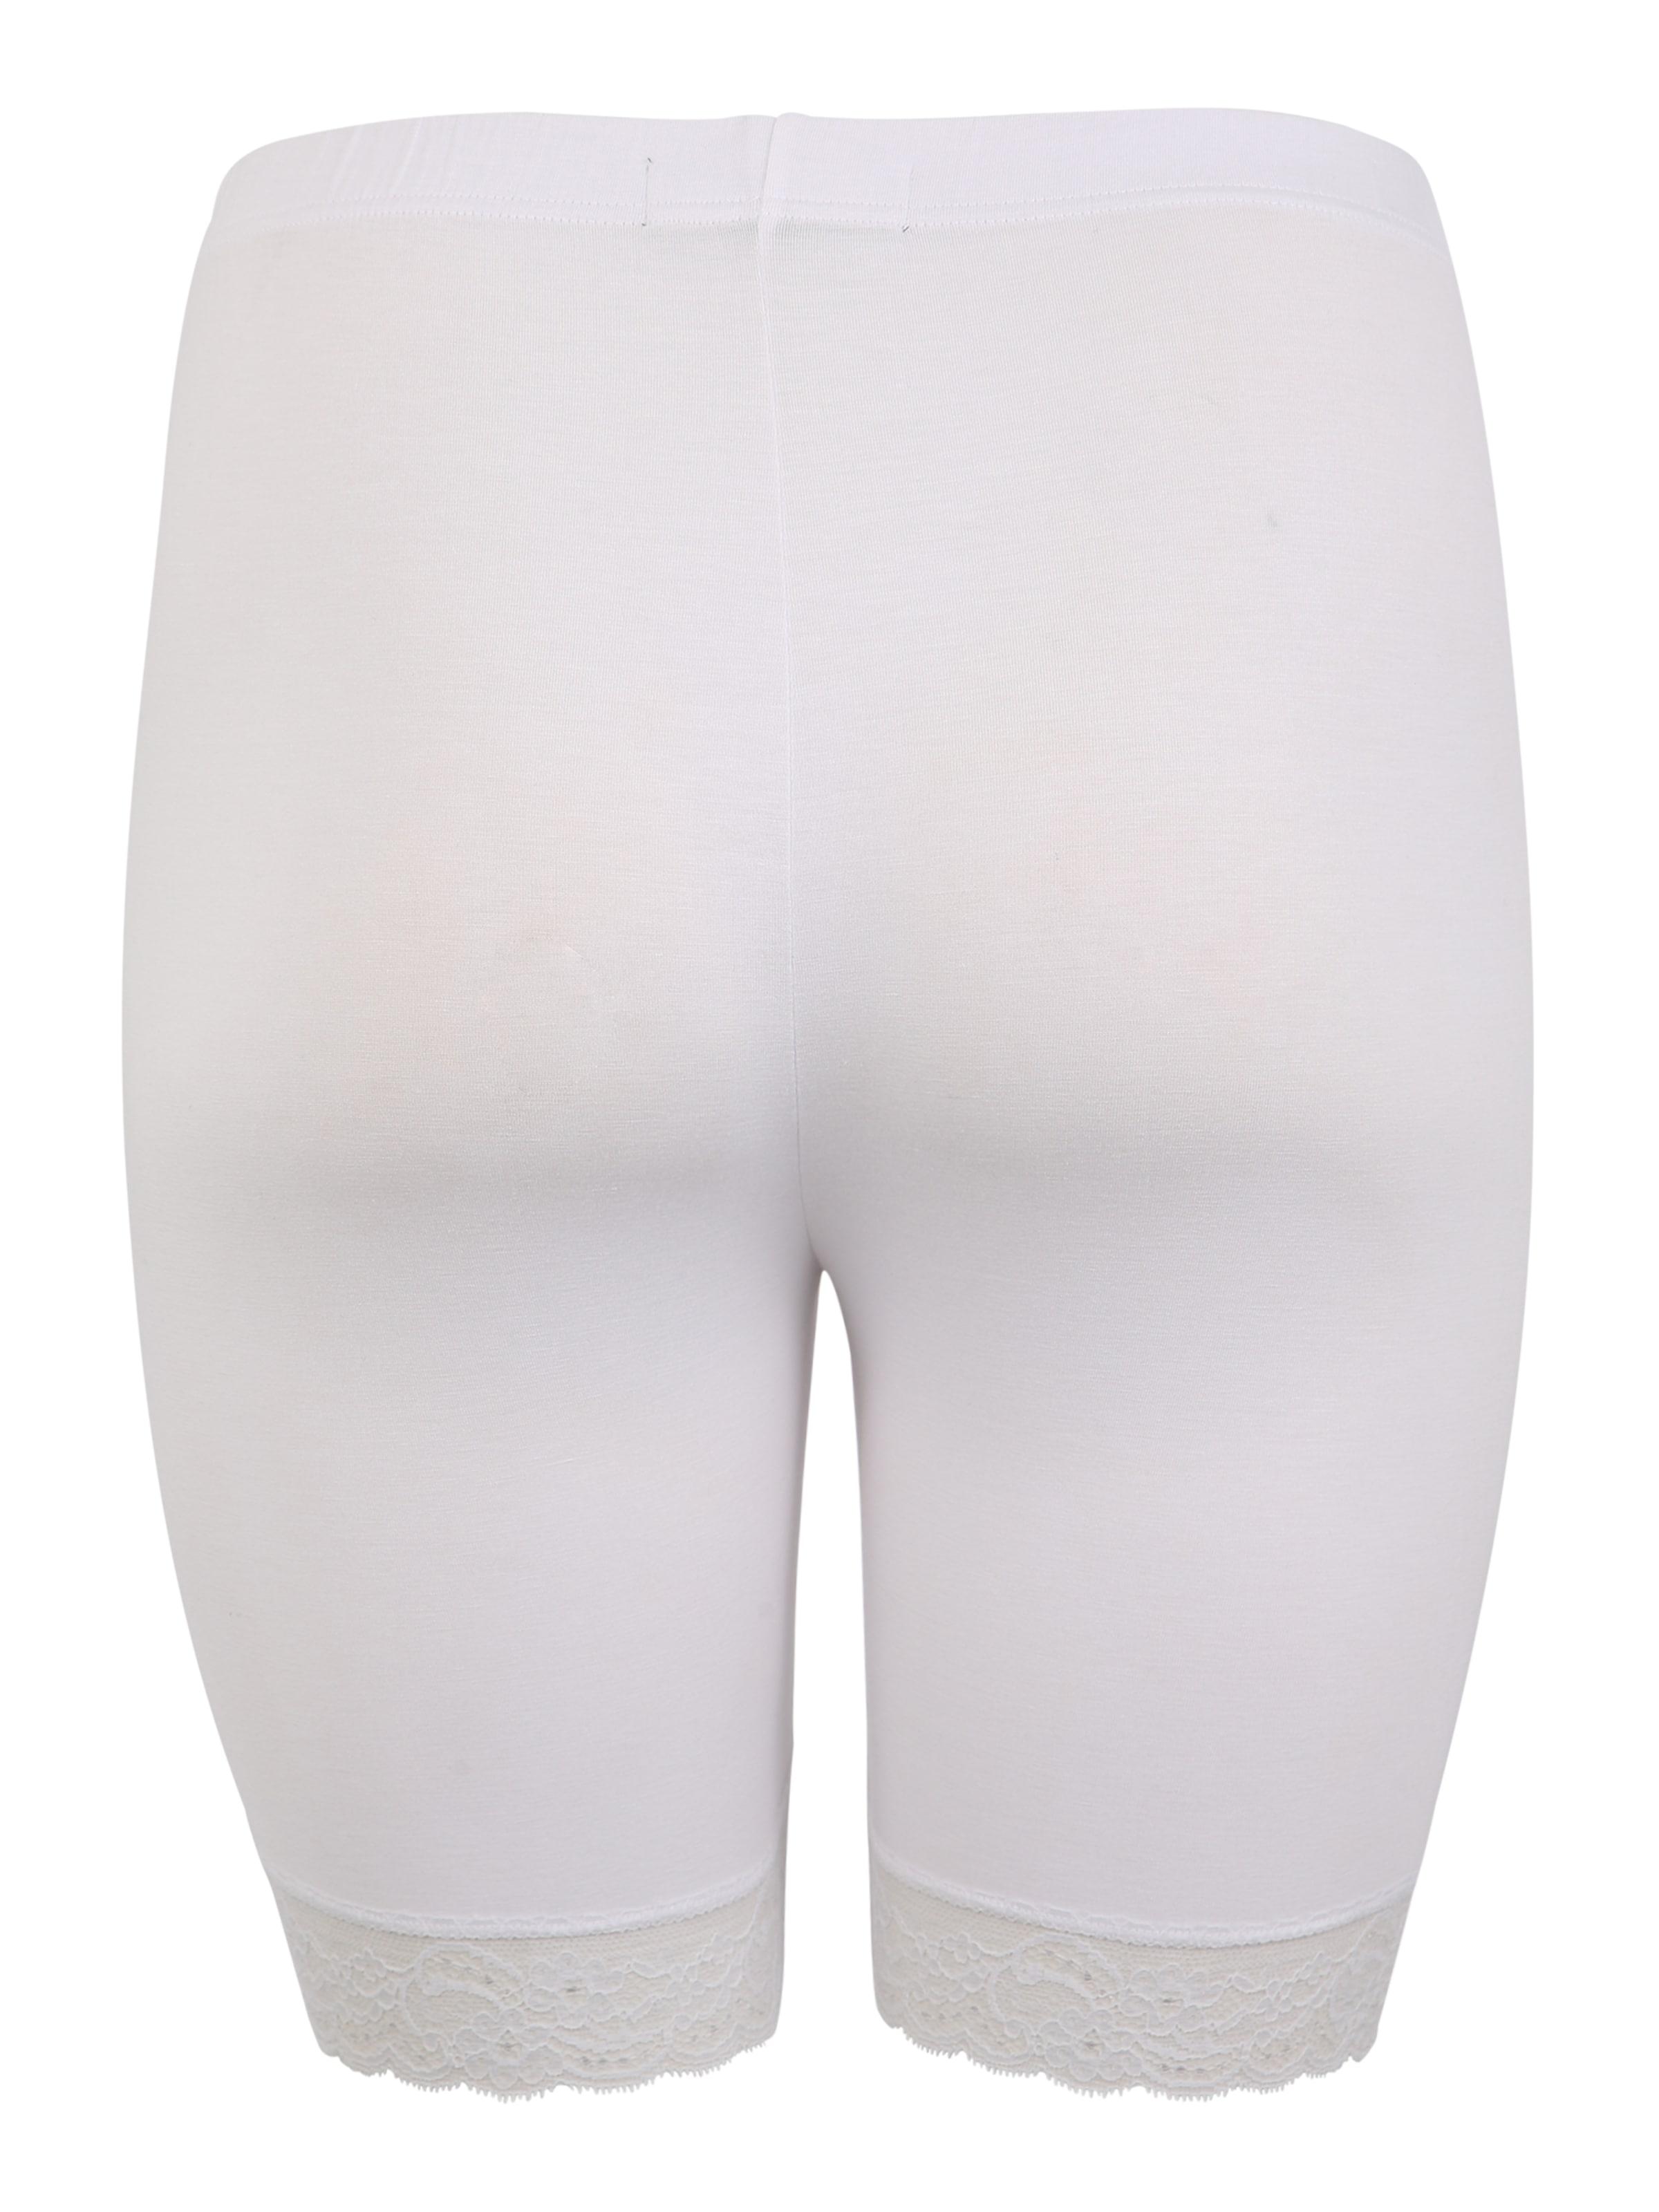 Pantalon En Zizzi Pantalon Blanc Blanc Pantalon En En Zizzi Blanc Zizzi PnX08kwO